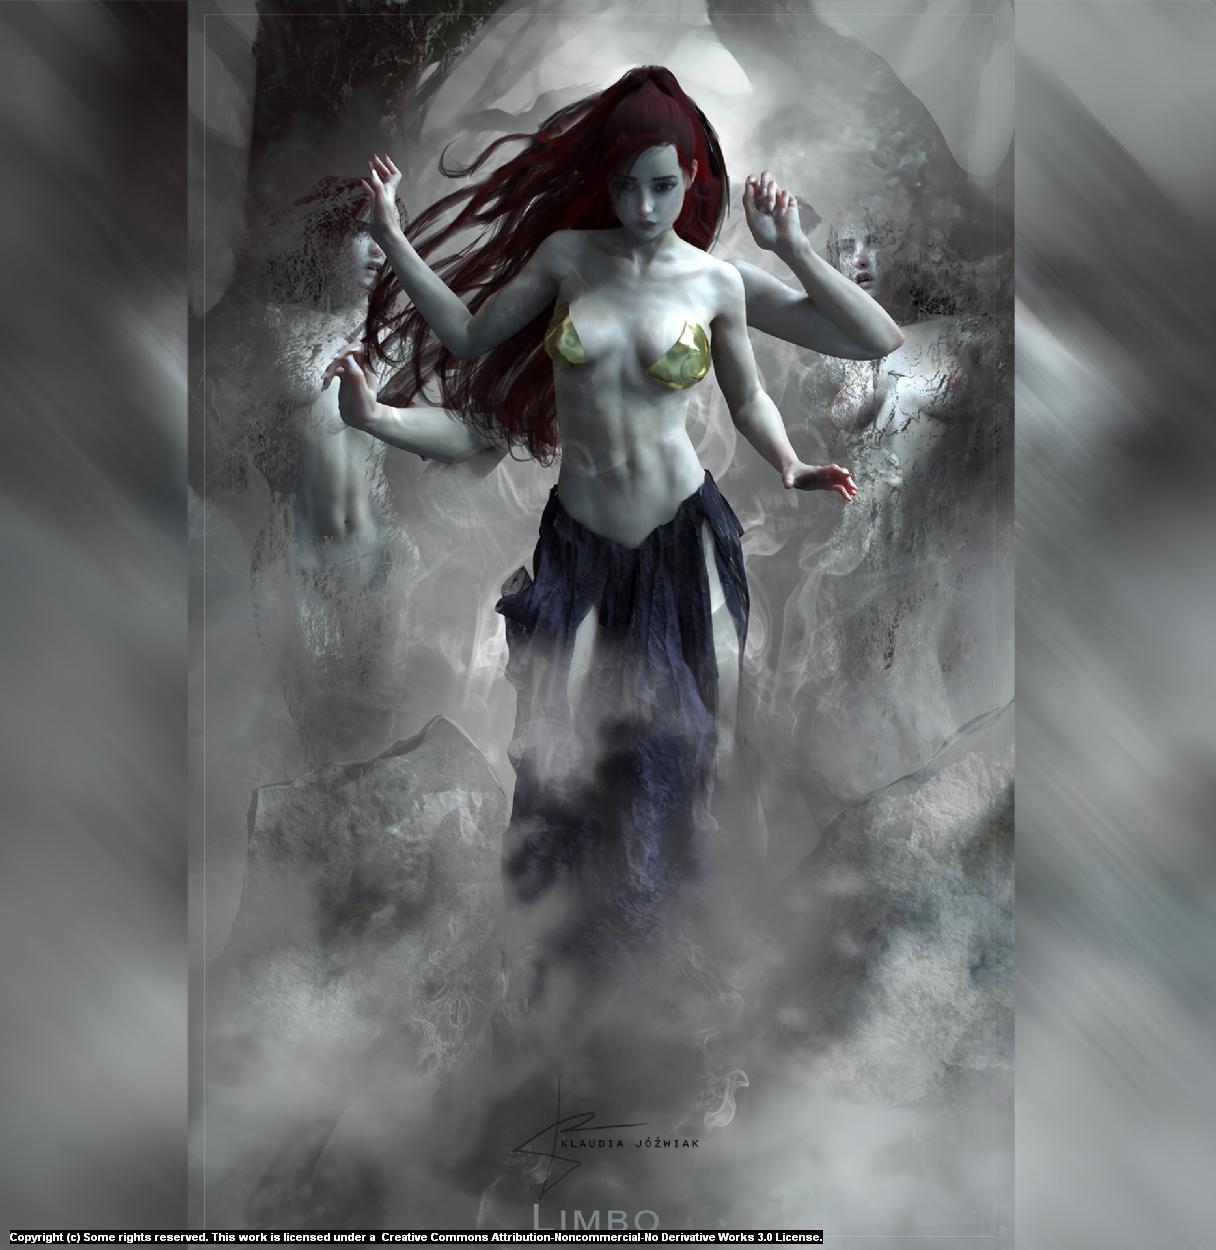 Limbo Artwork by Klaudia Jóźwiak